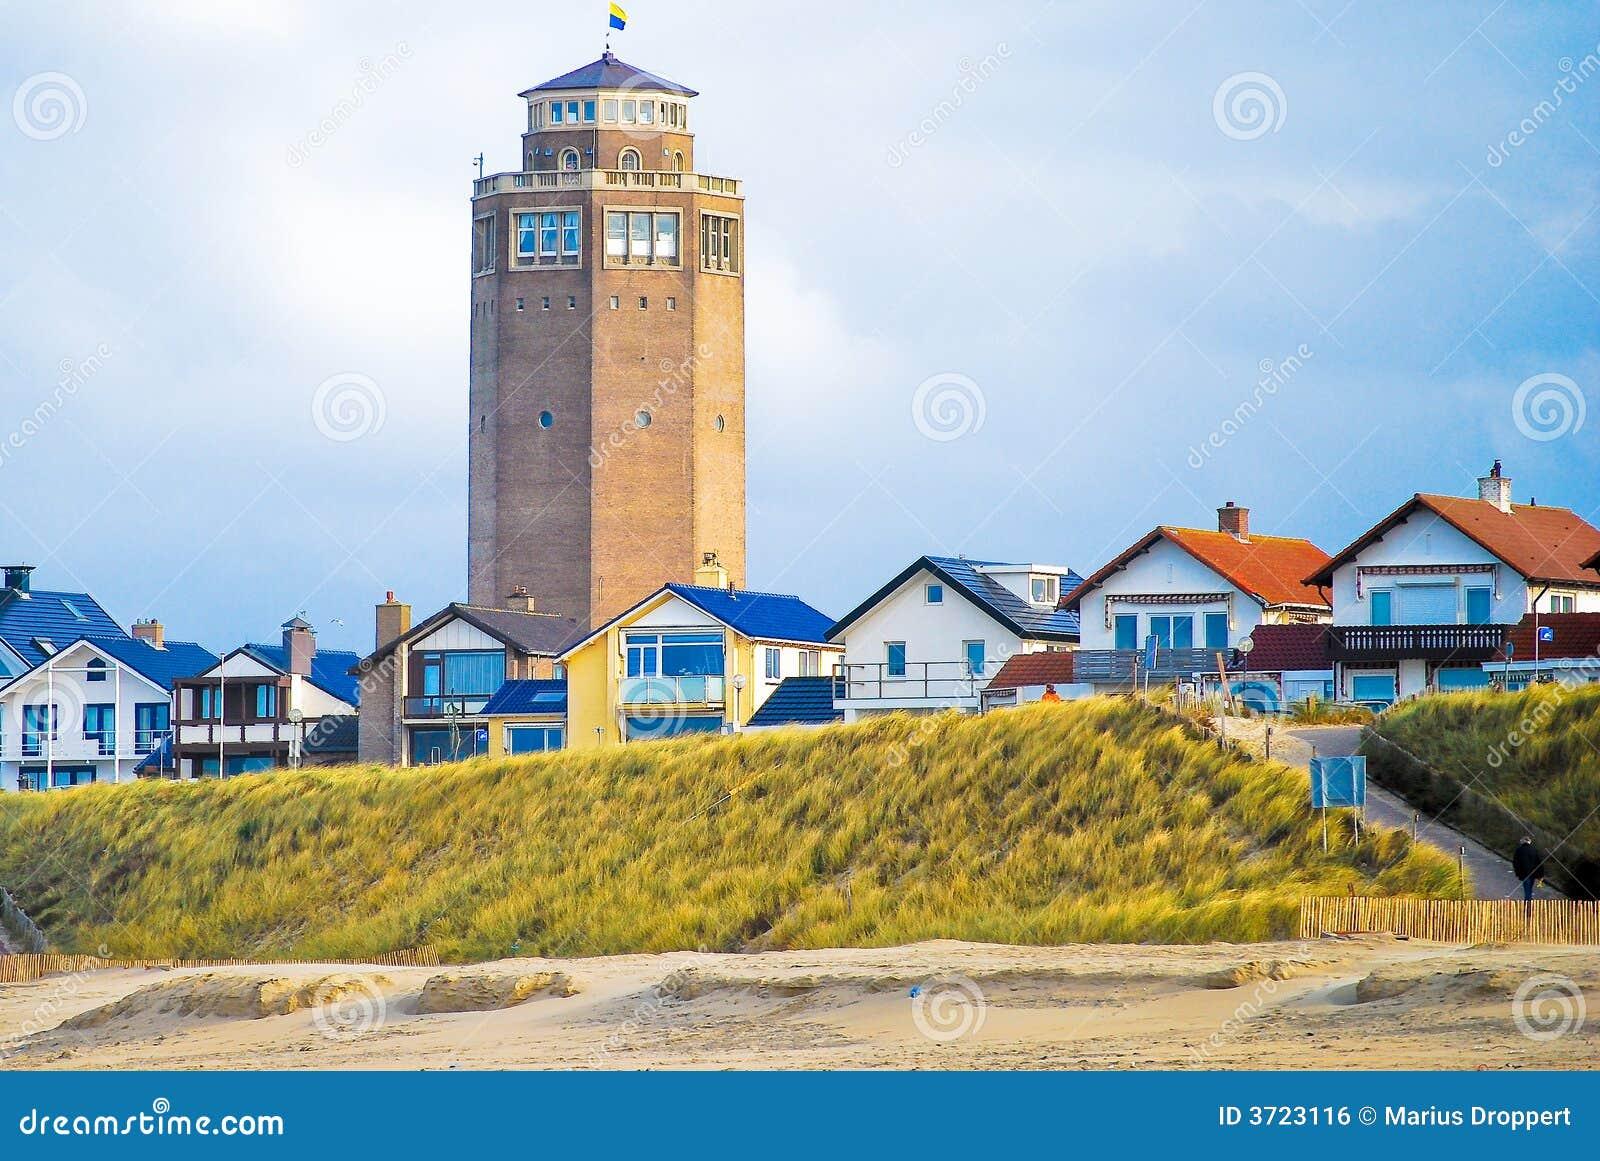 De toren van het water met huizen